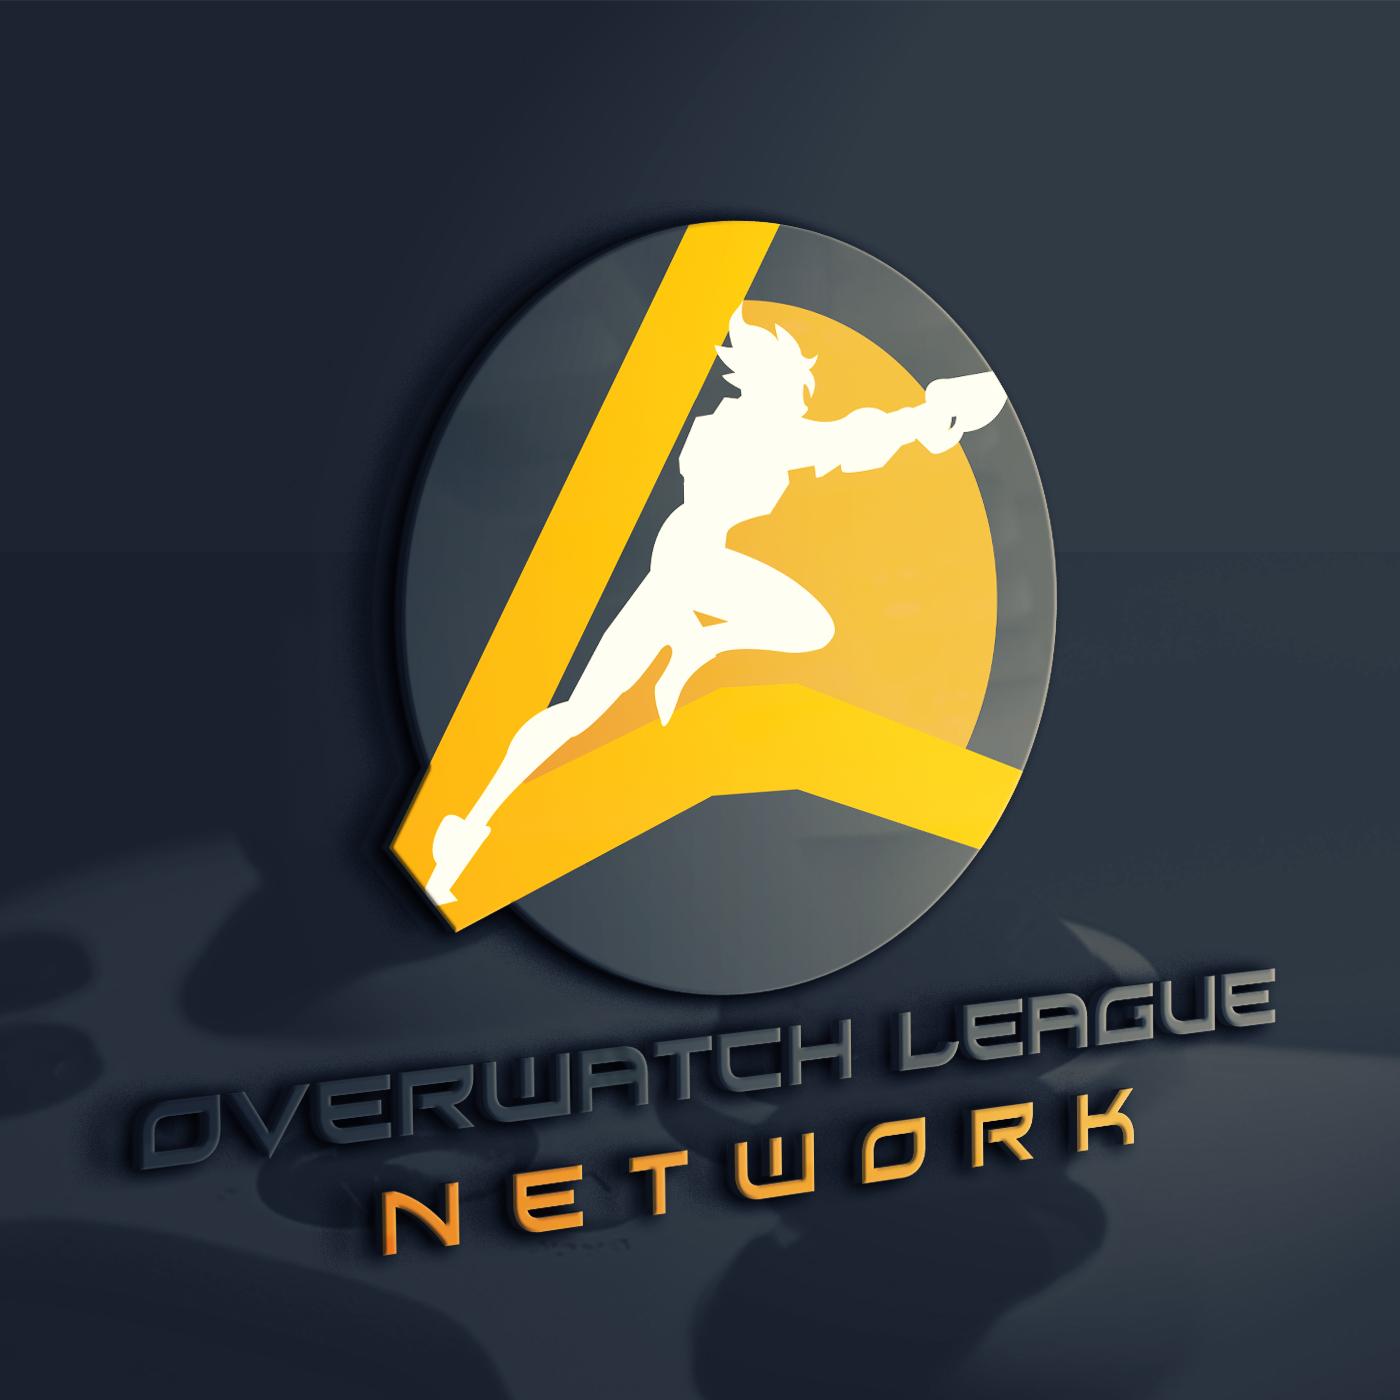 Overwatch League Network show art